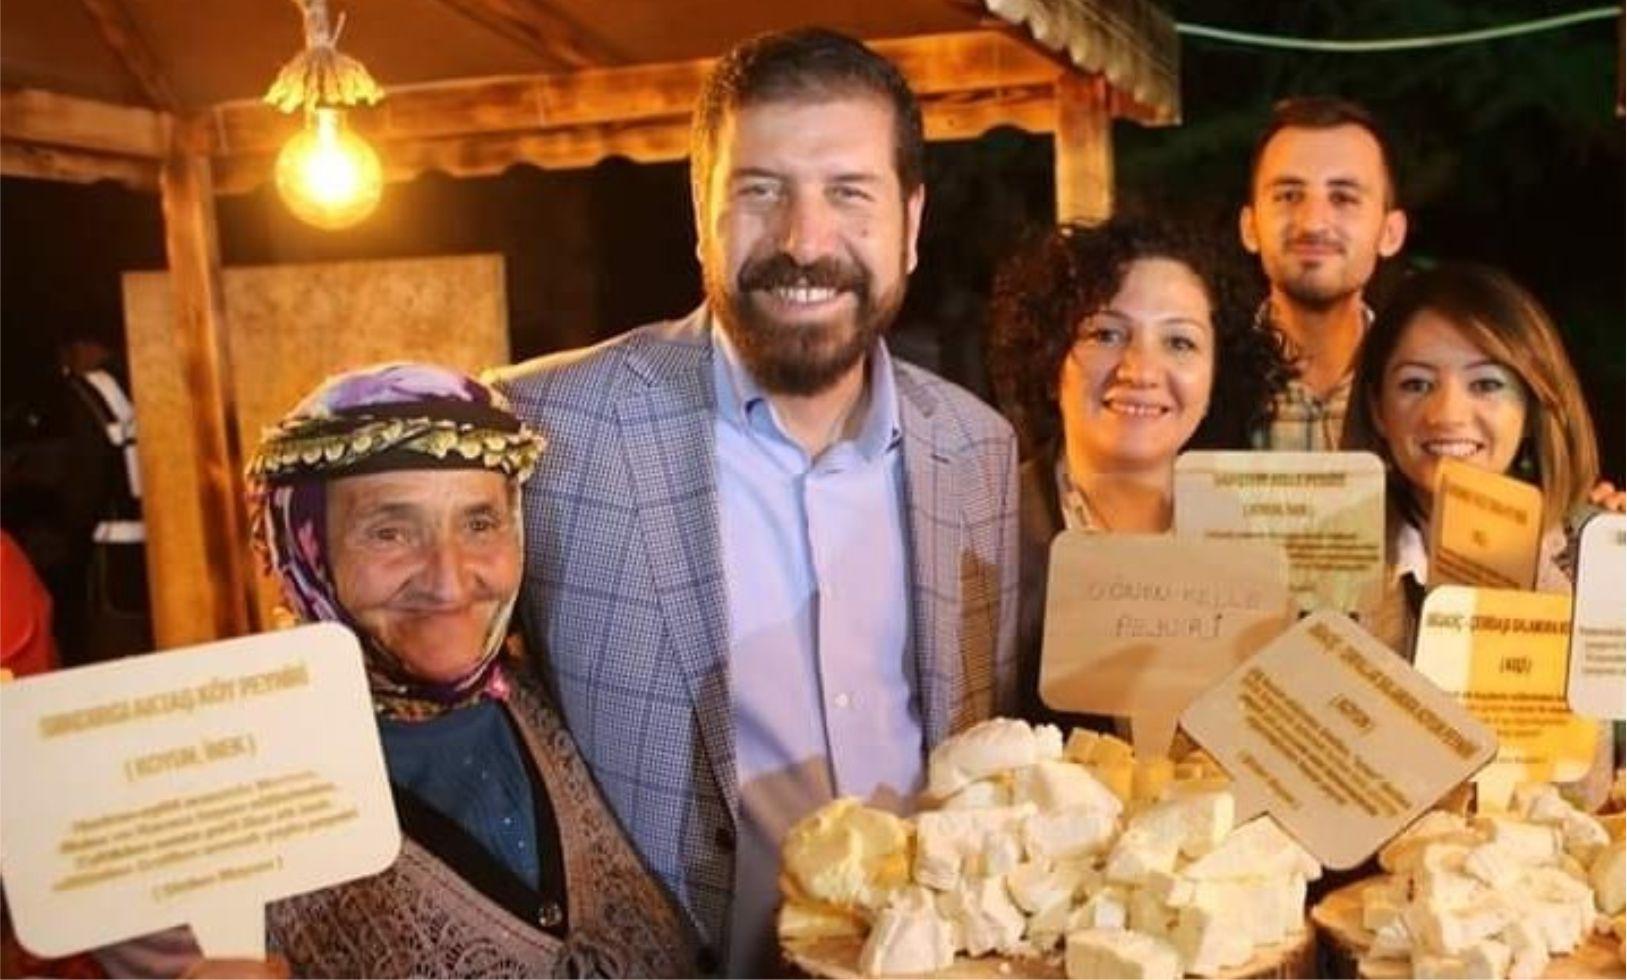 BALIKESİR EMITT'E DAMGASINI VURMALI